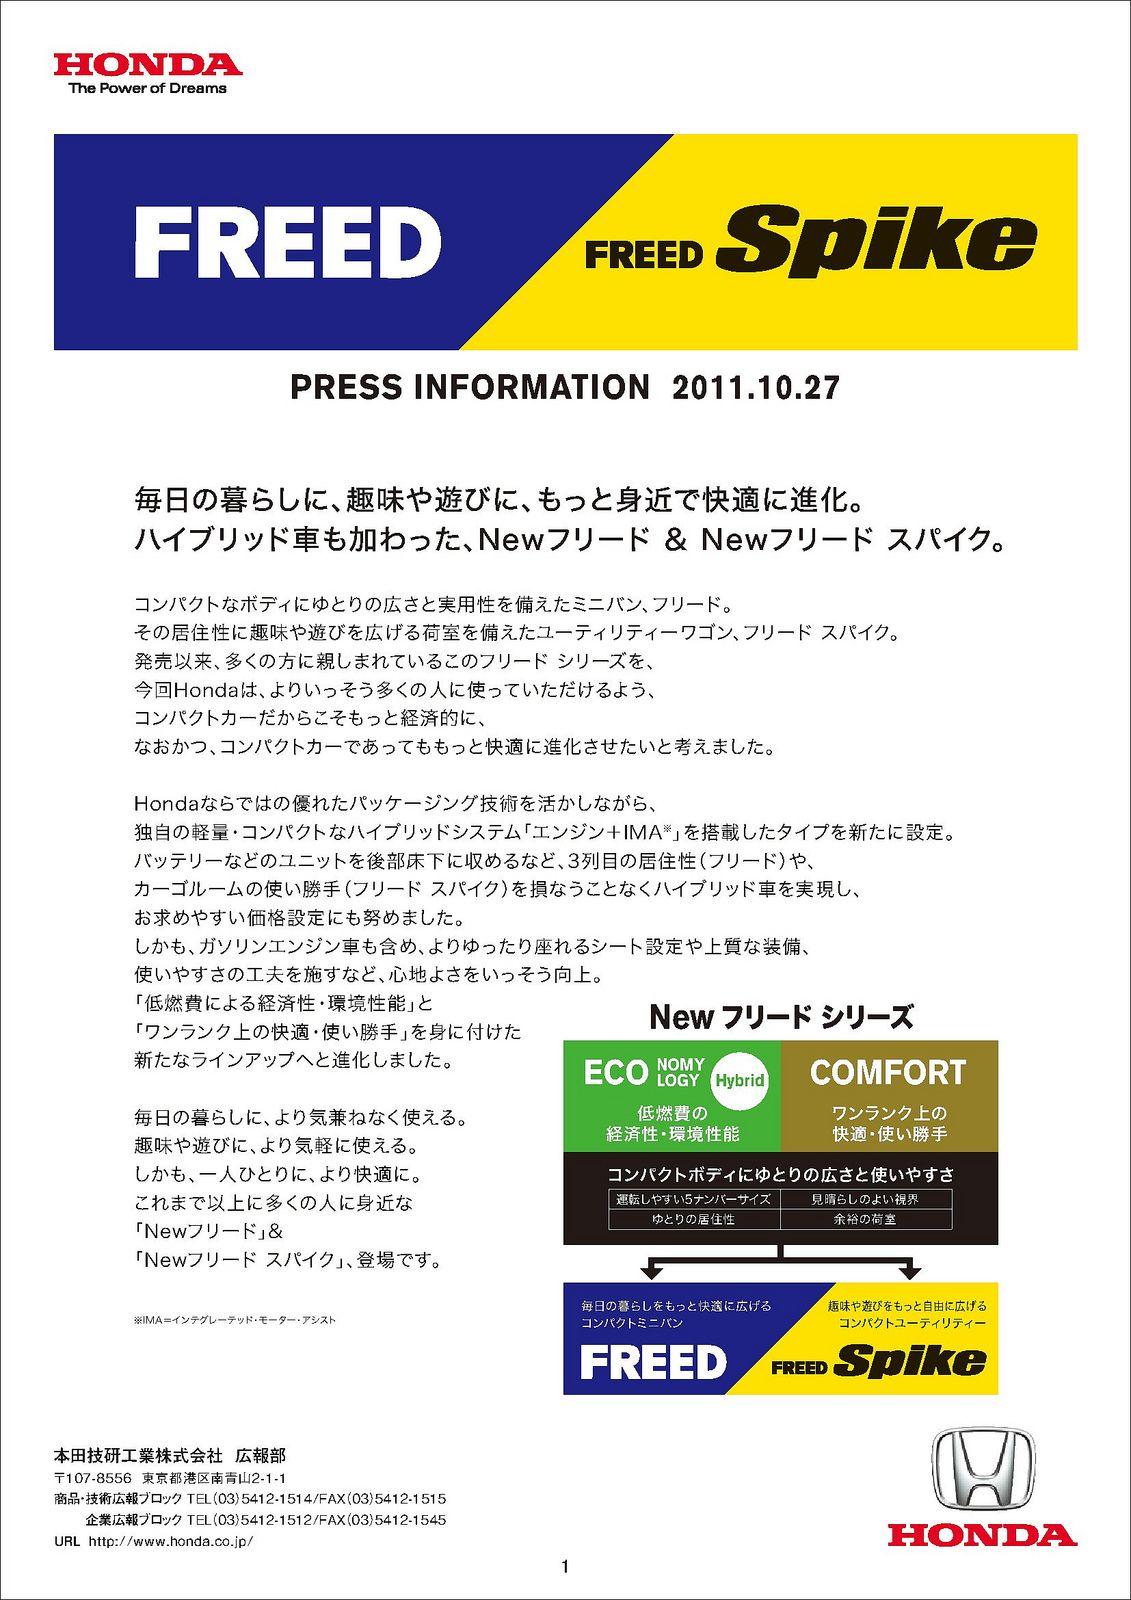 Honda Freed Spike Press Info Japan 2011